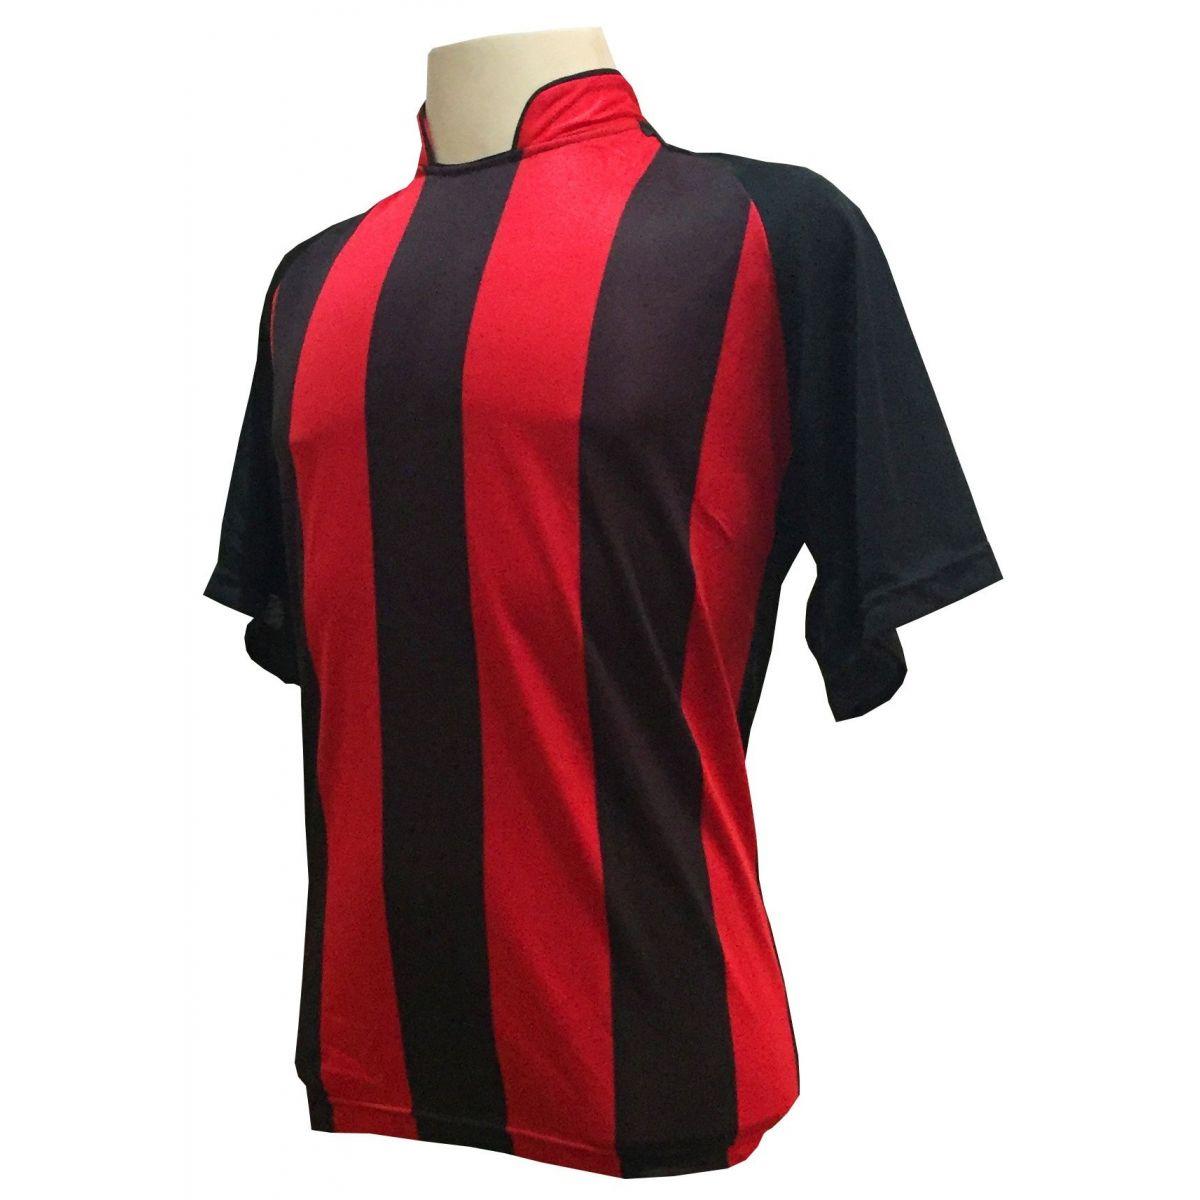 Uniforme Esportivo com 12 Camisas modelo Milan Preto/Vermelho + 12 Calções modelo Madrid Vermelho